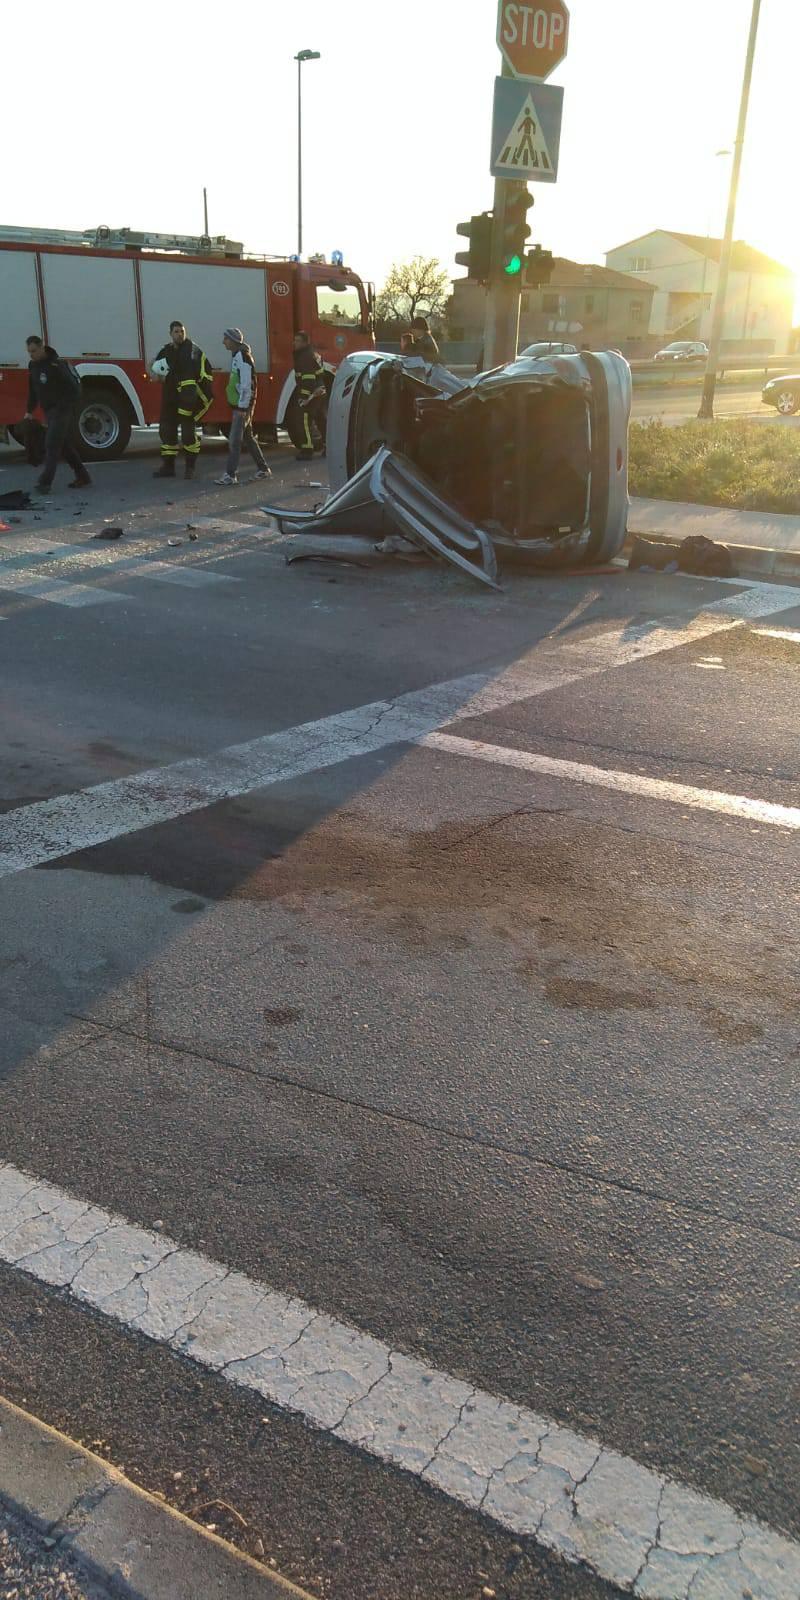 Sudar dva auta: Vatrogasci su rezali staklo da izvuku ženu...